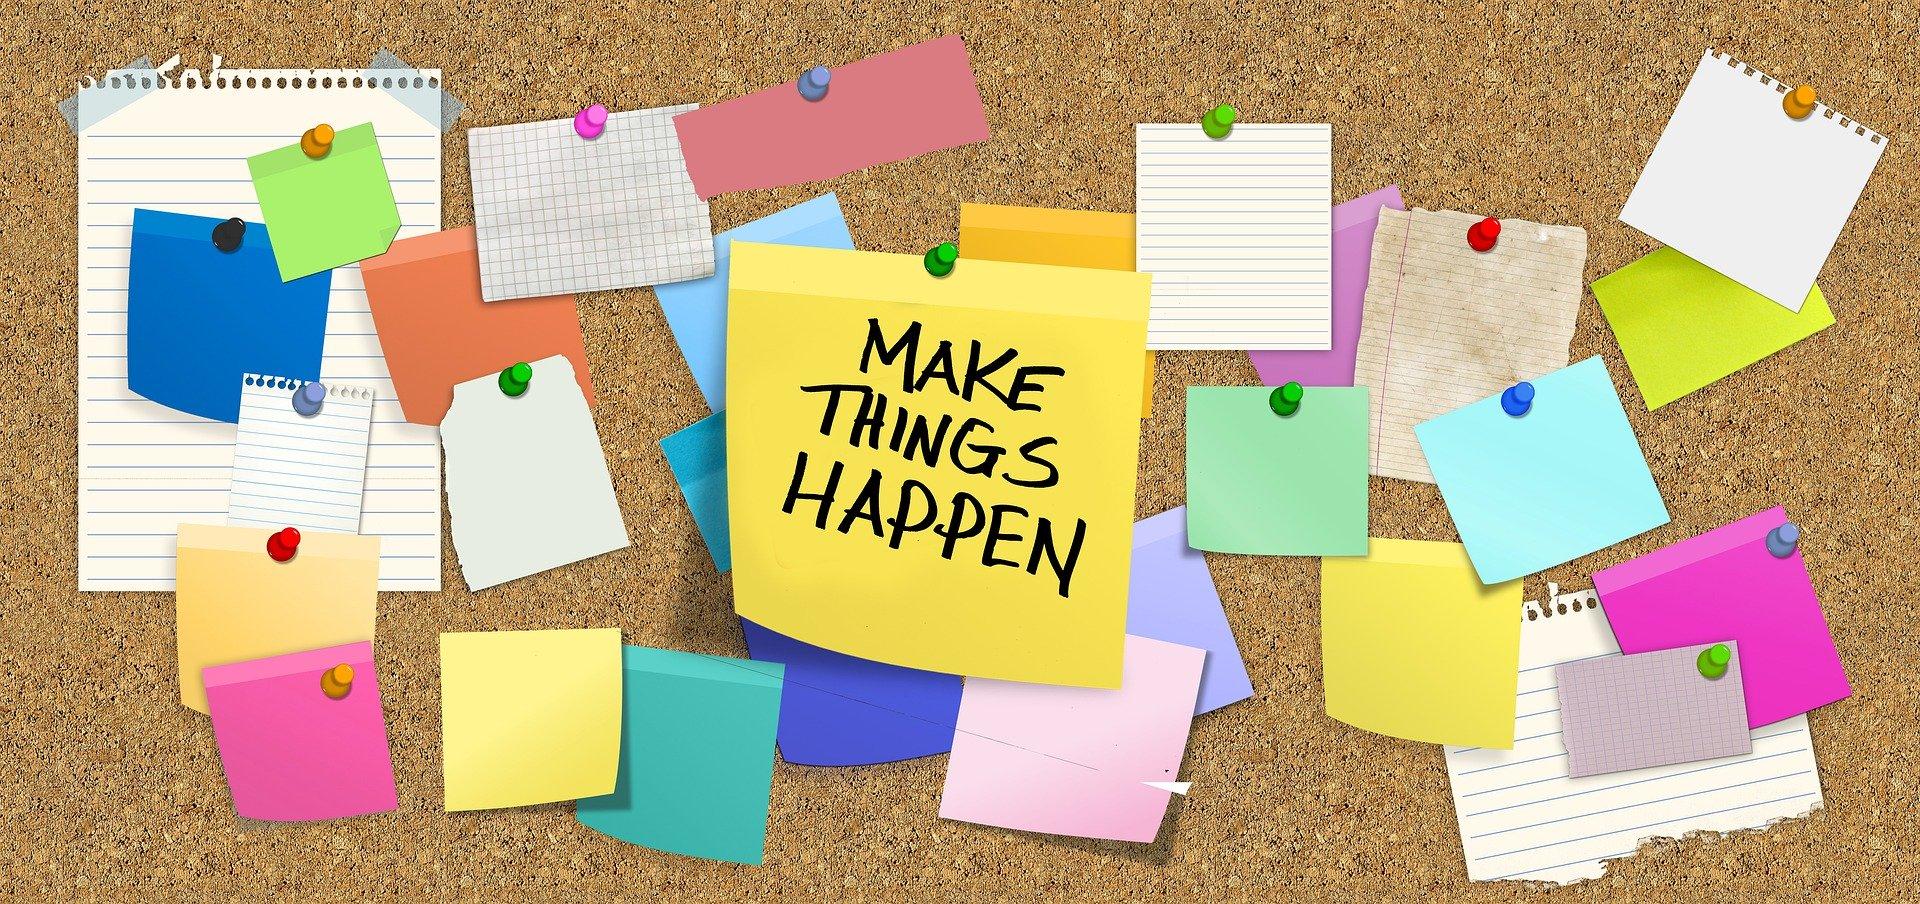 jak zaplanować warsztat - maj.marketing